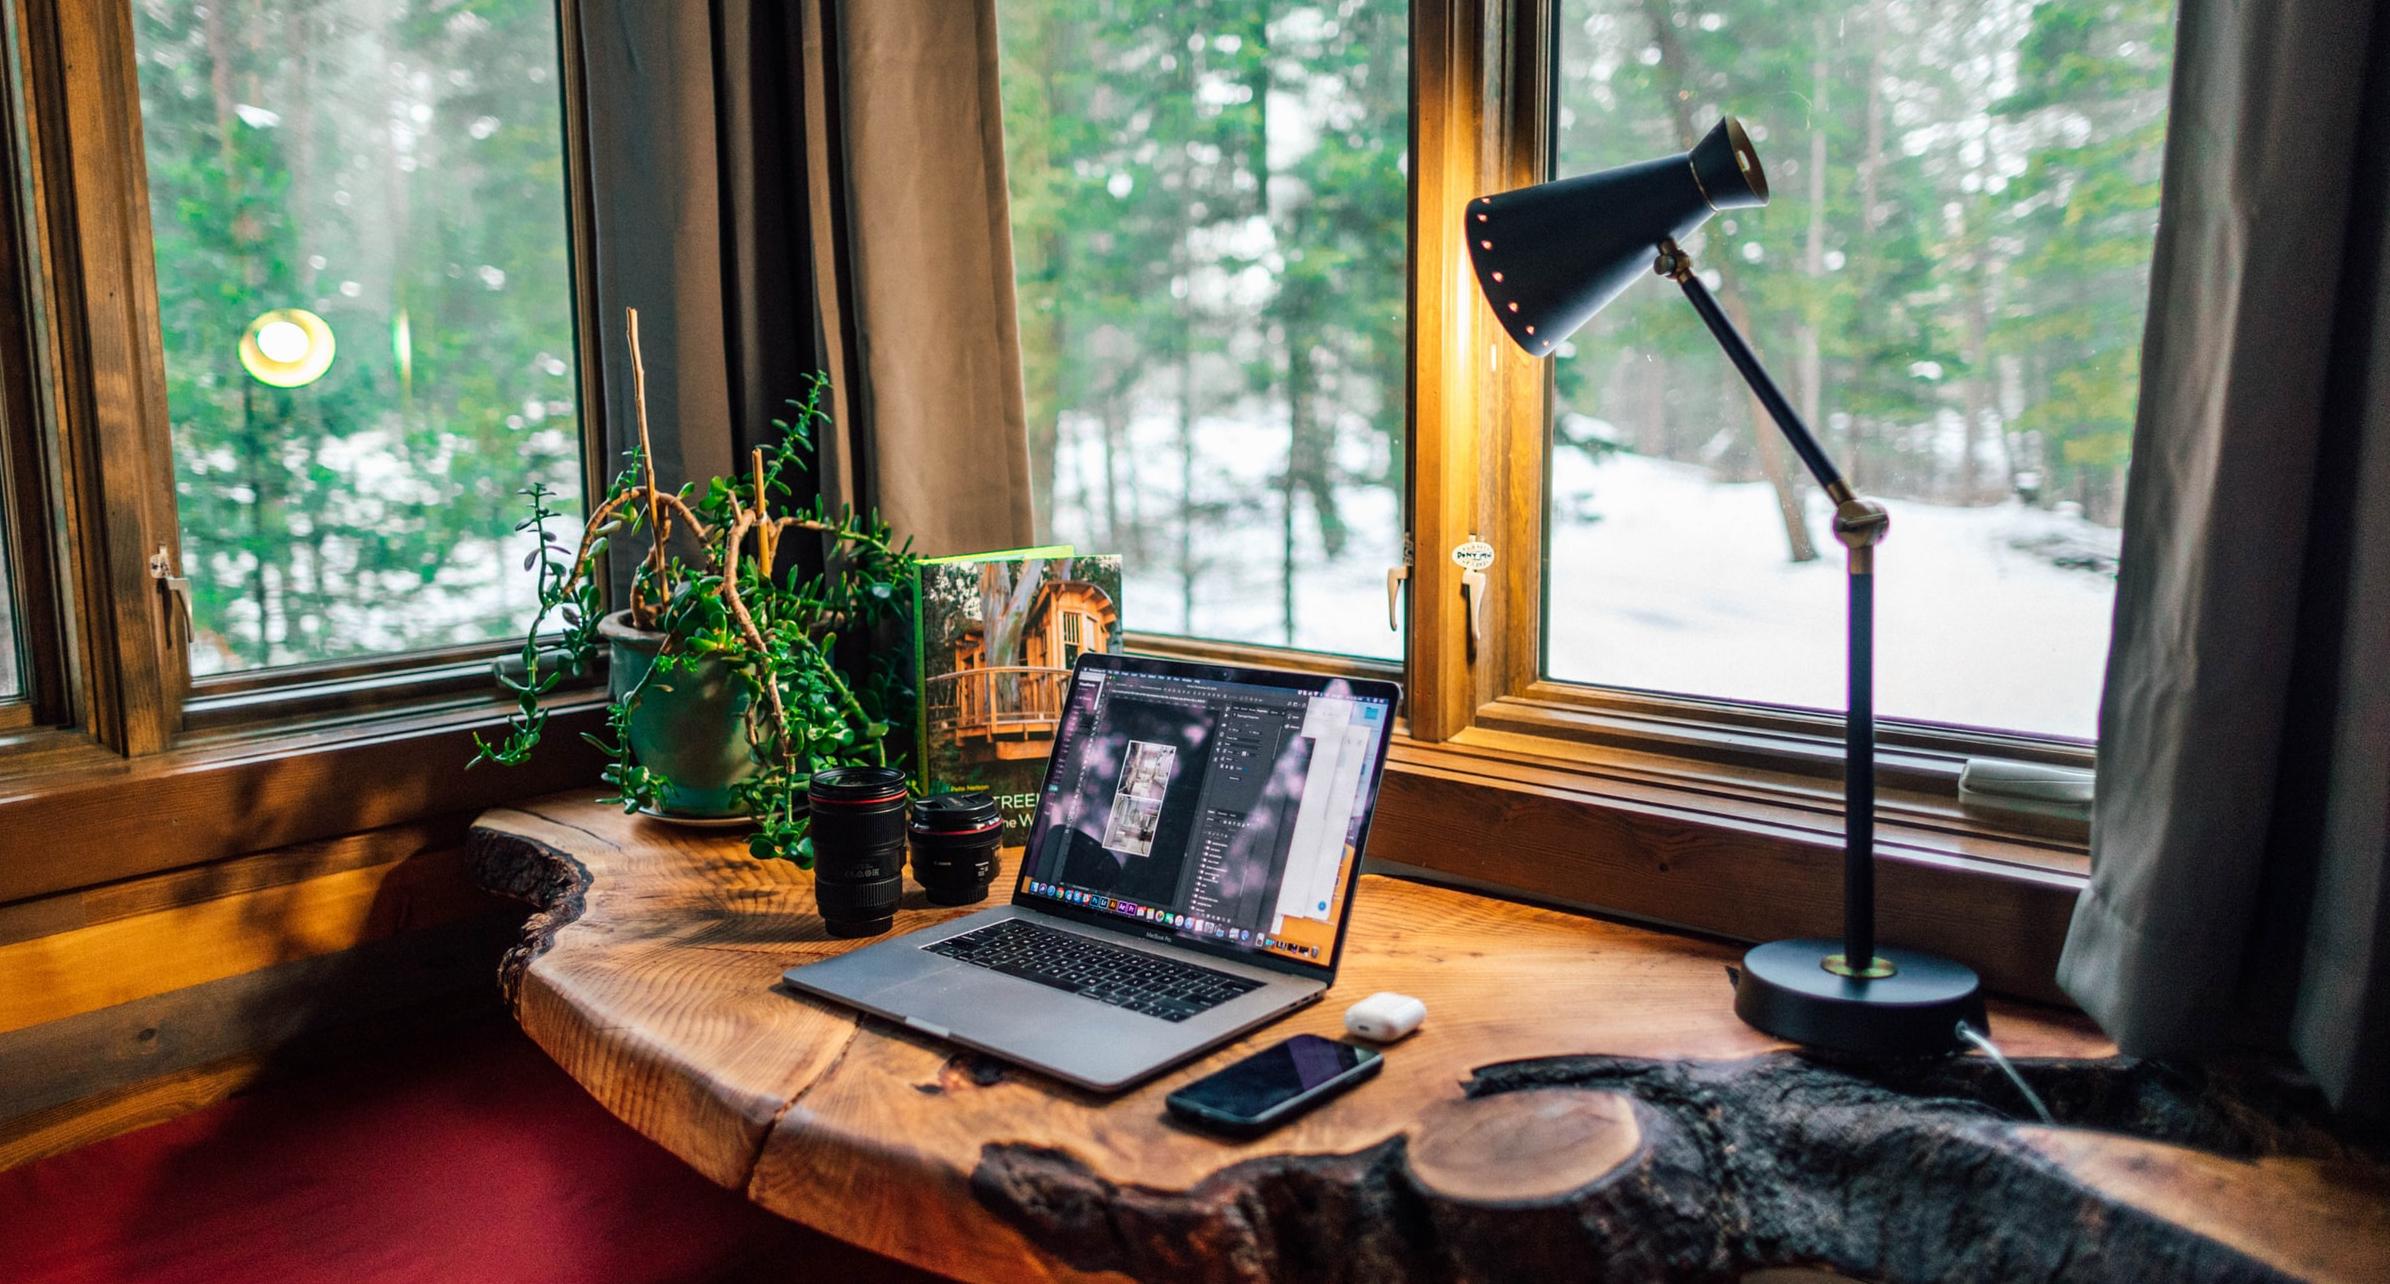 Bild: Home-Office-Arbeitsplatz mit digitalen Geräten, DsiN-Tipps zum sicheren Arbeiten von zu Hause im Home-Office